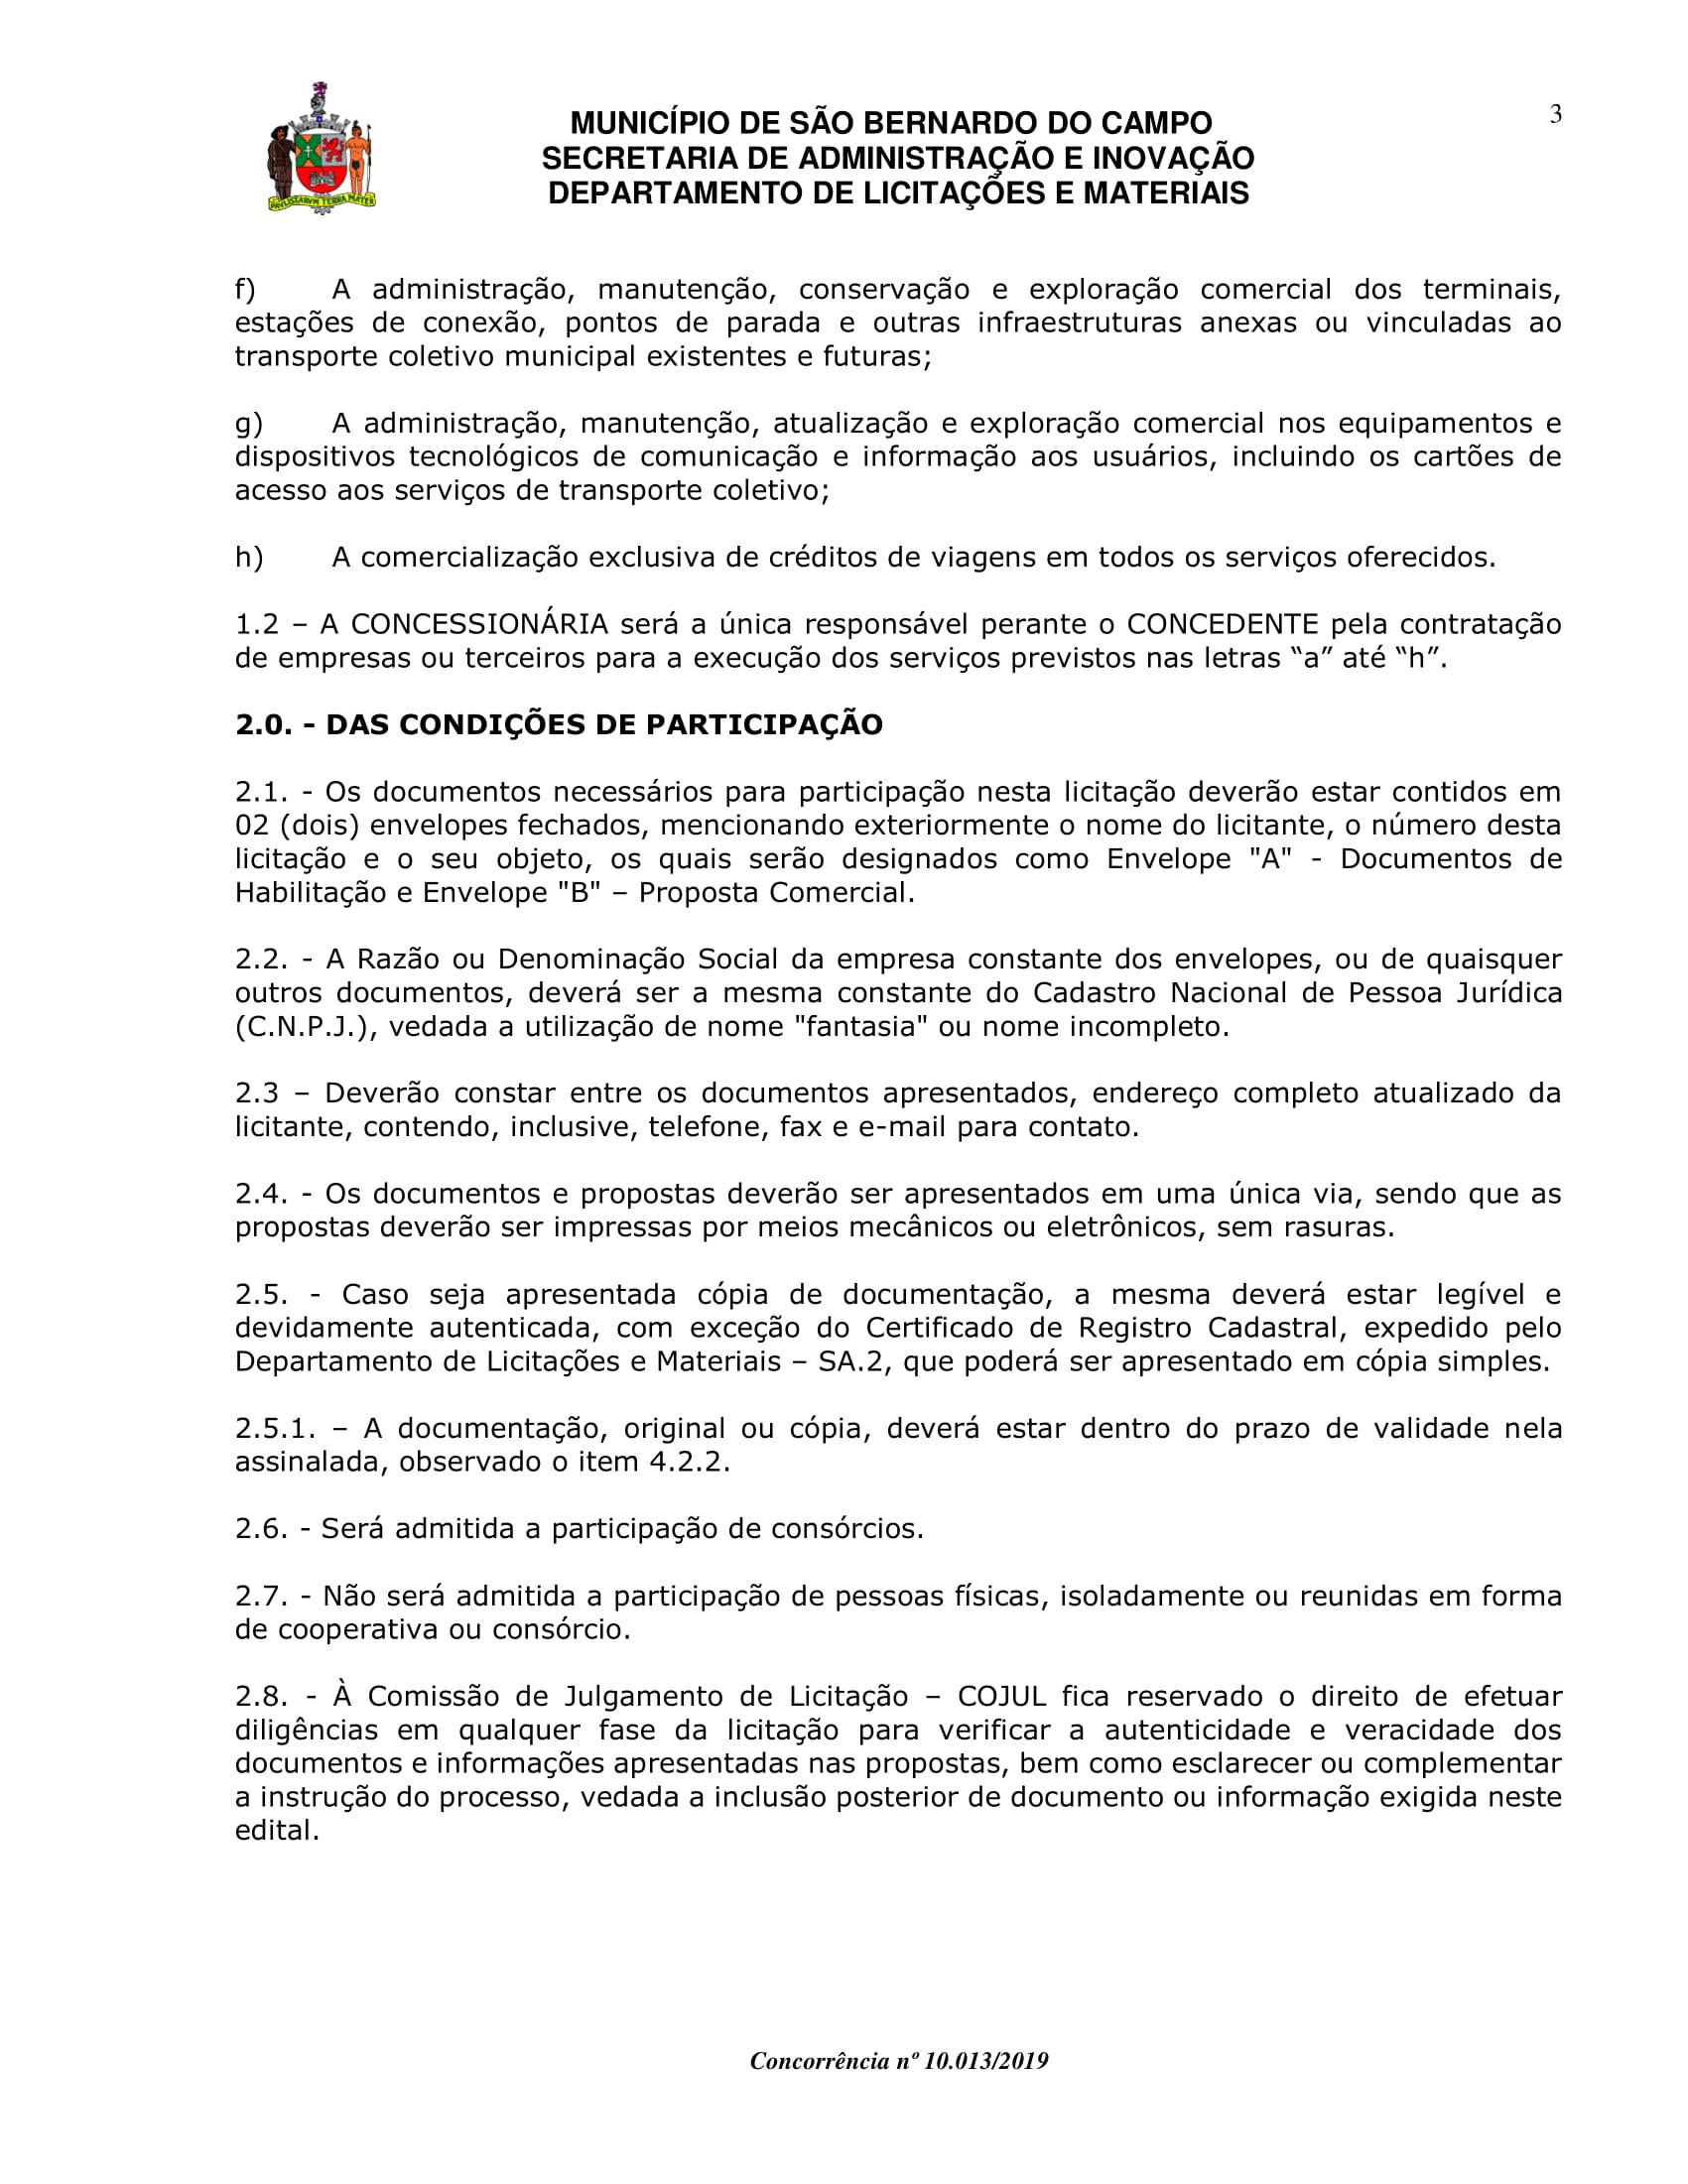 CP.10.013-19 edital-03